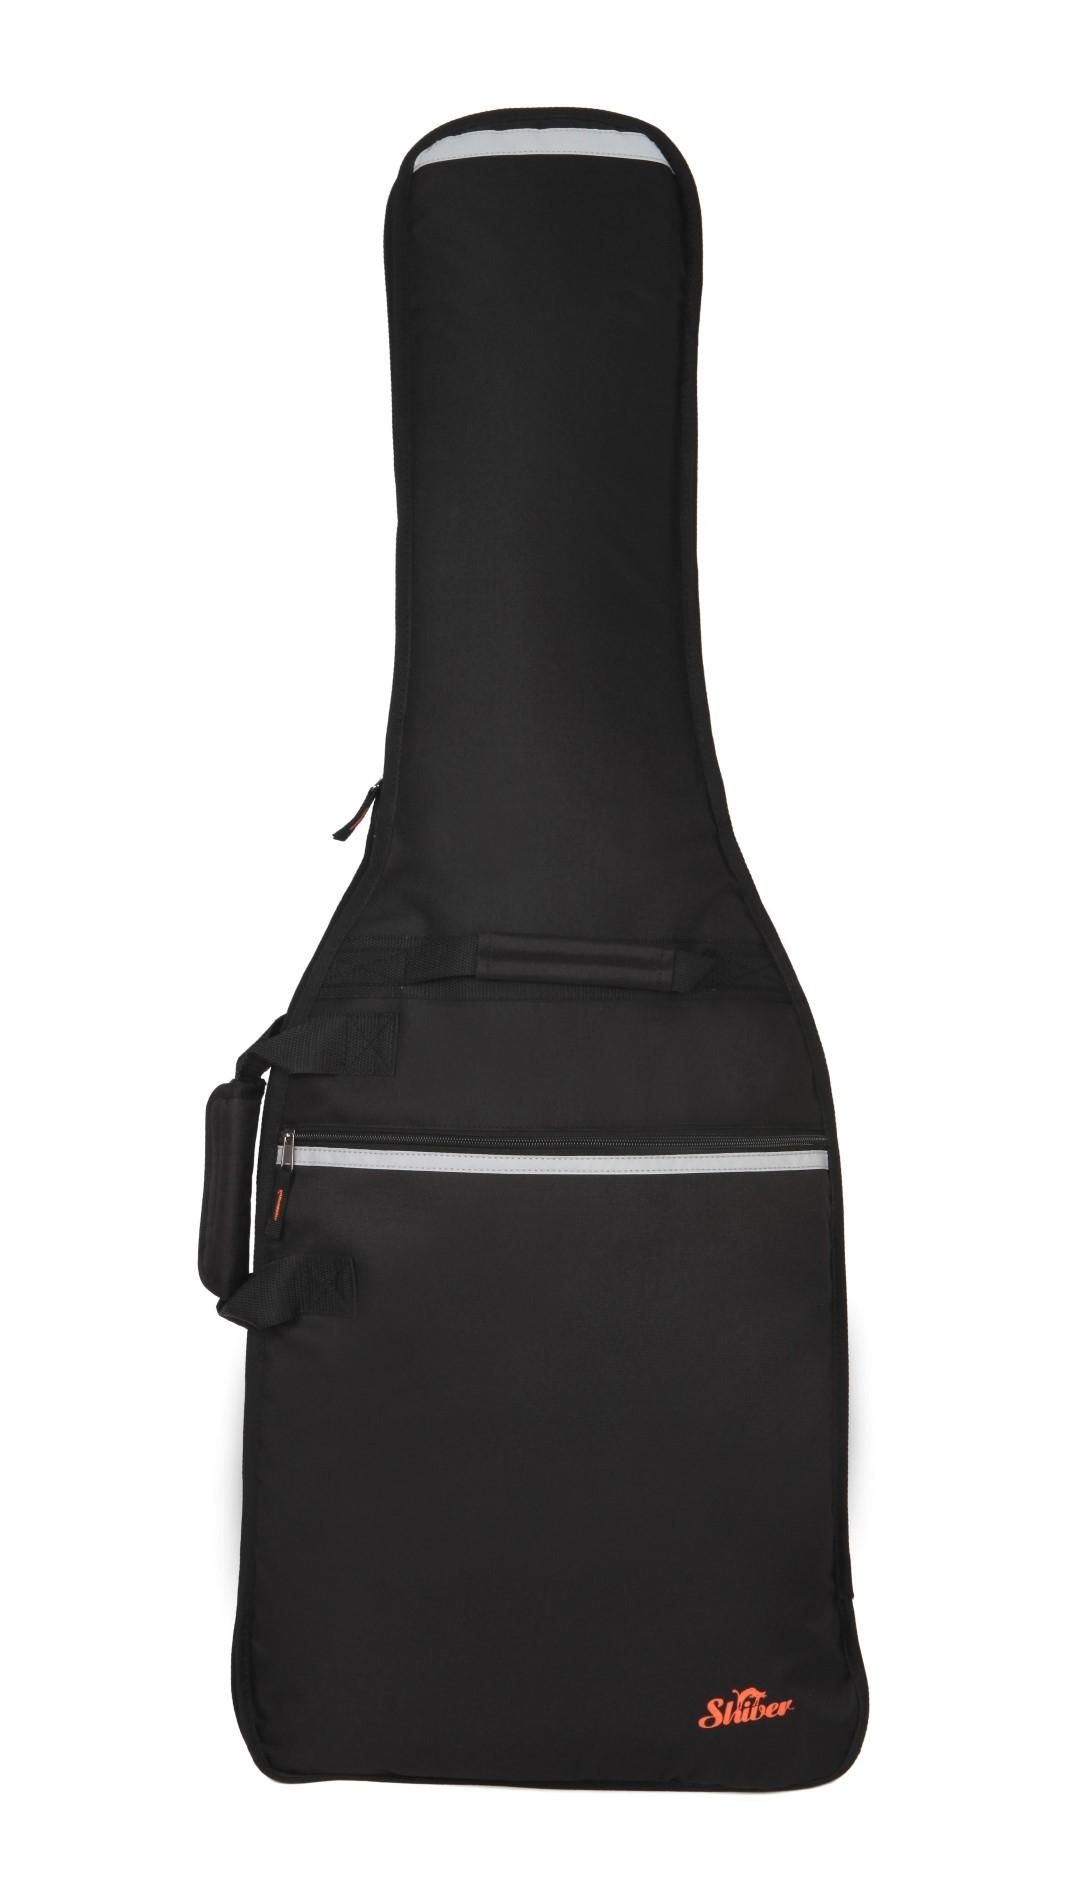 Shiver - Housse souple HG2 pour guitares Electrique 4/4